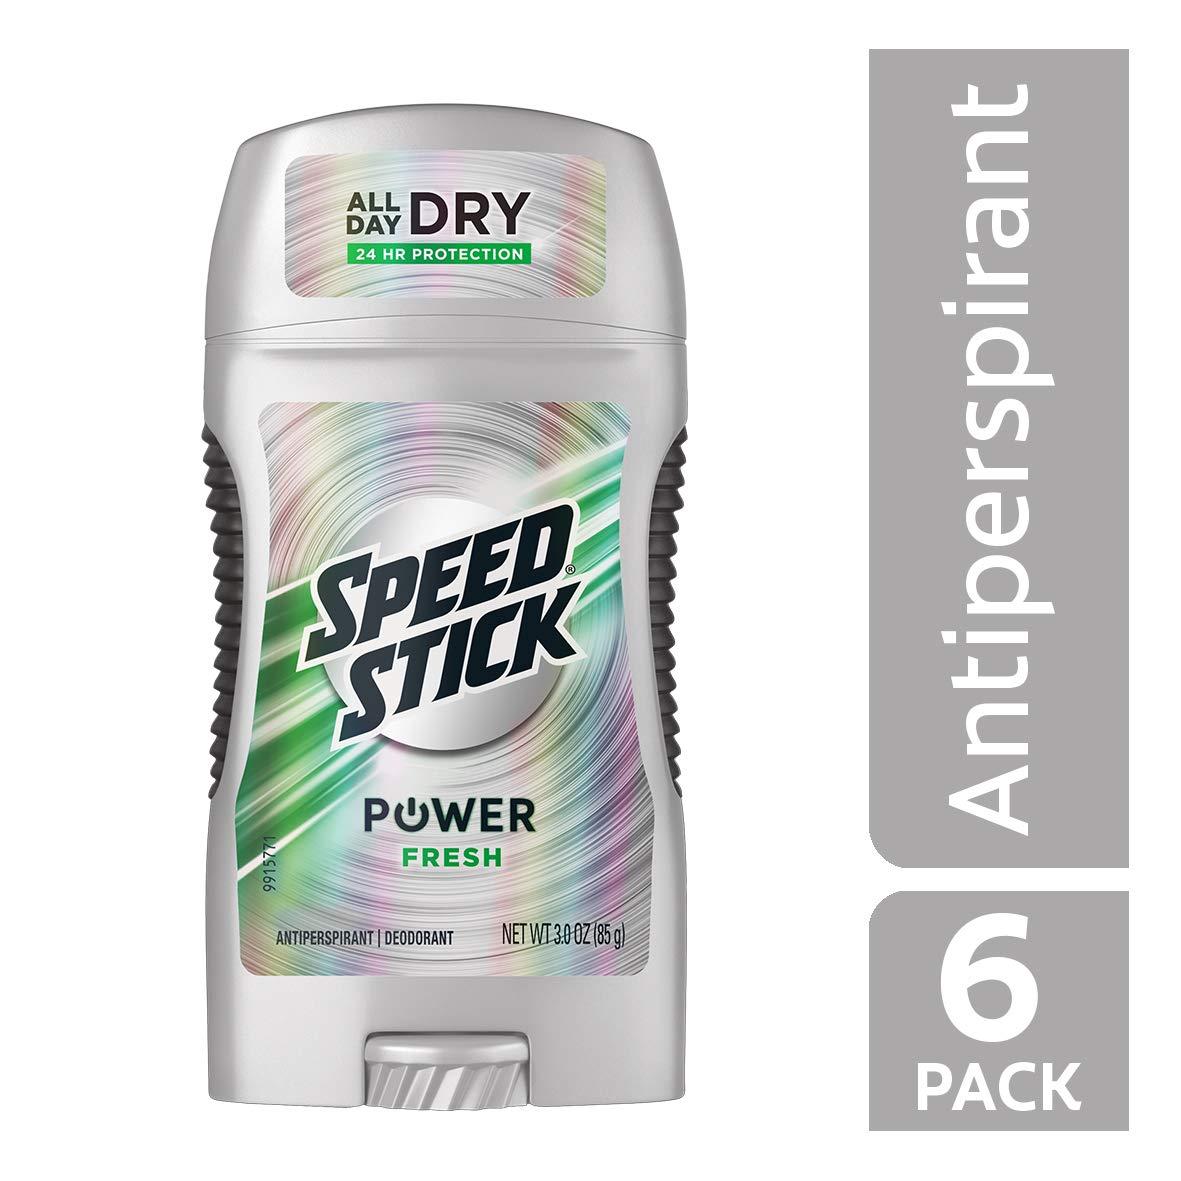 Speed Stick Power Antiperspirant Deodorant for Men, Fresh - 3 Ounce (Pack of 6)